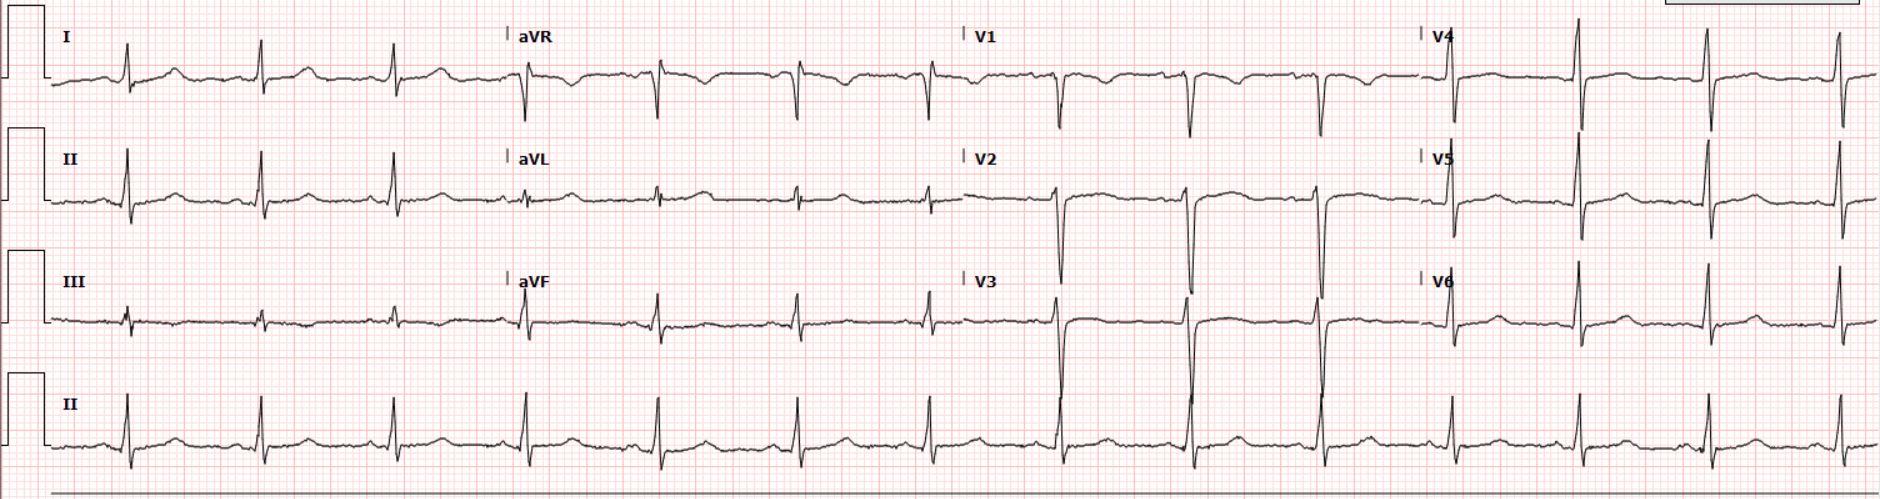 Baseline ECG